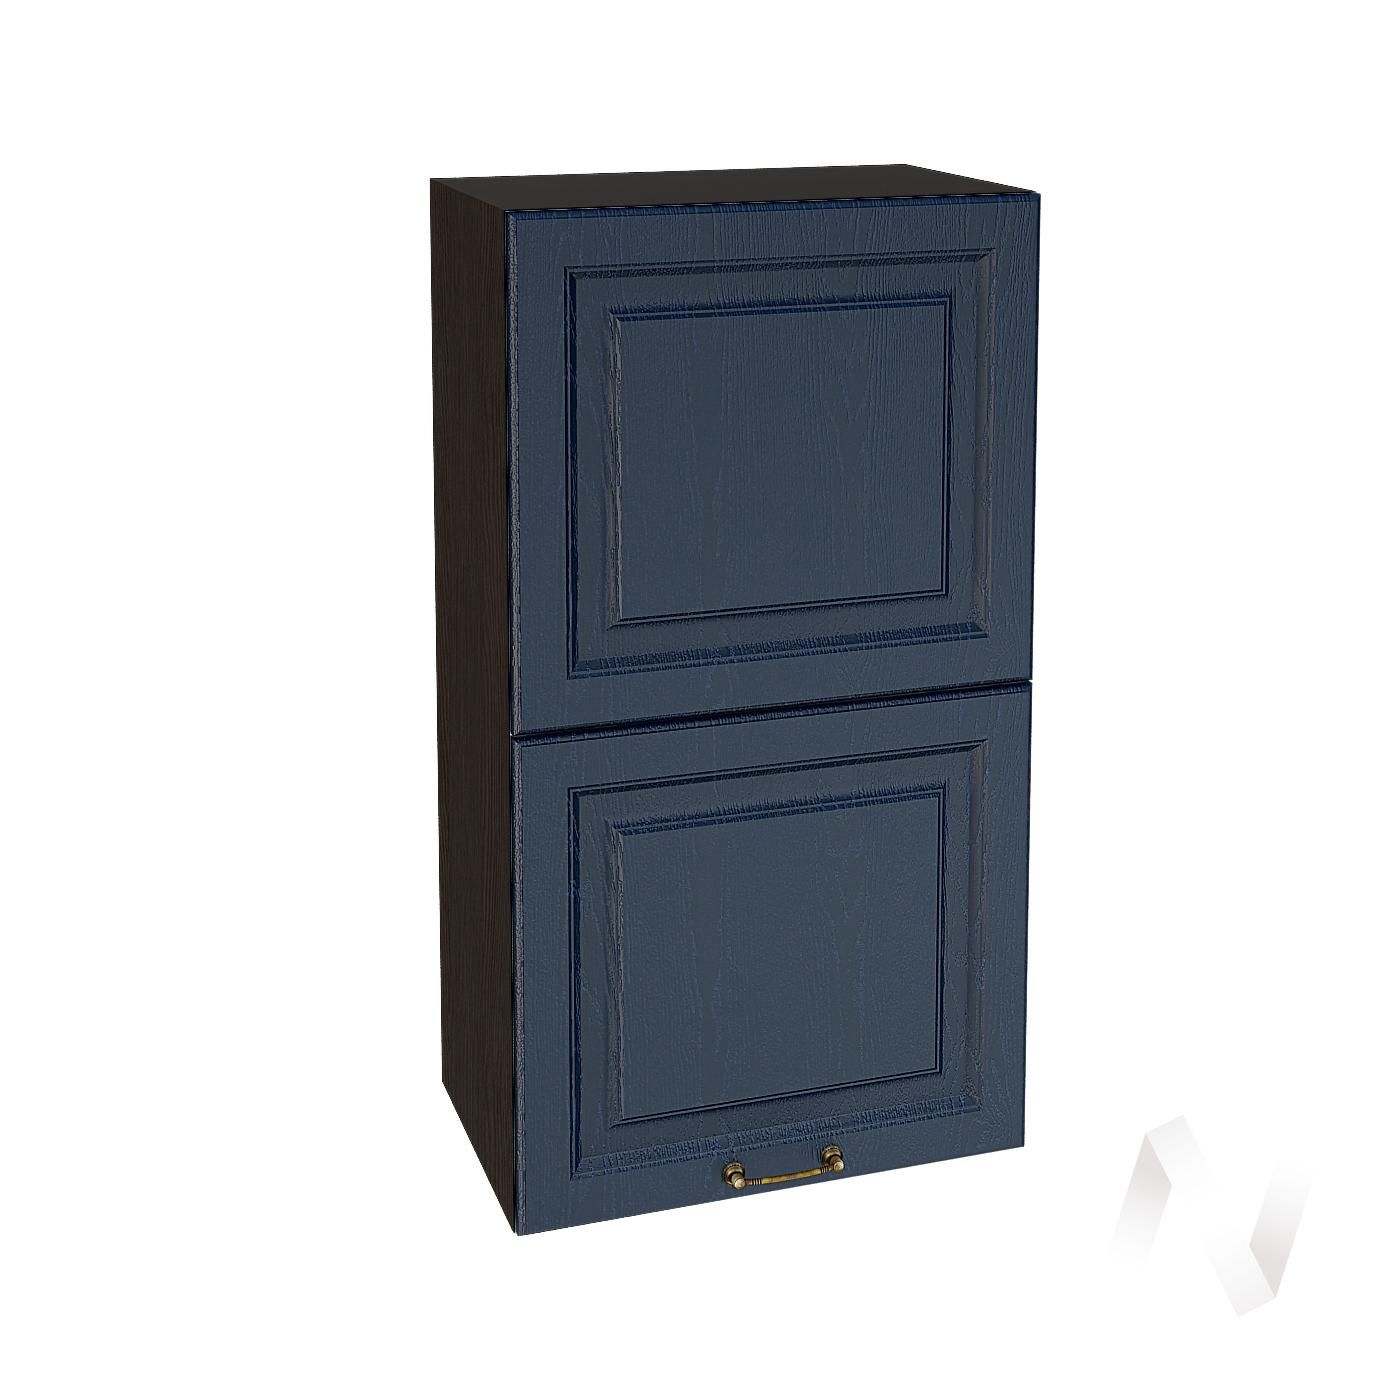 """Кухня """"Ницца"""": Шкаф верхний горизонтальный 502, ШВГ 502 (Дуб чернильный/корпус венге)"""